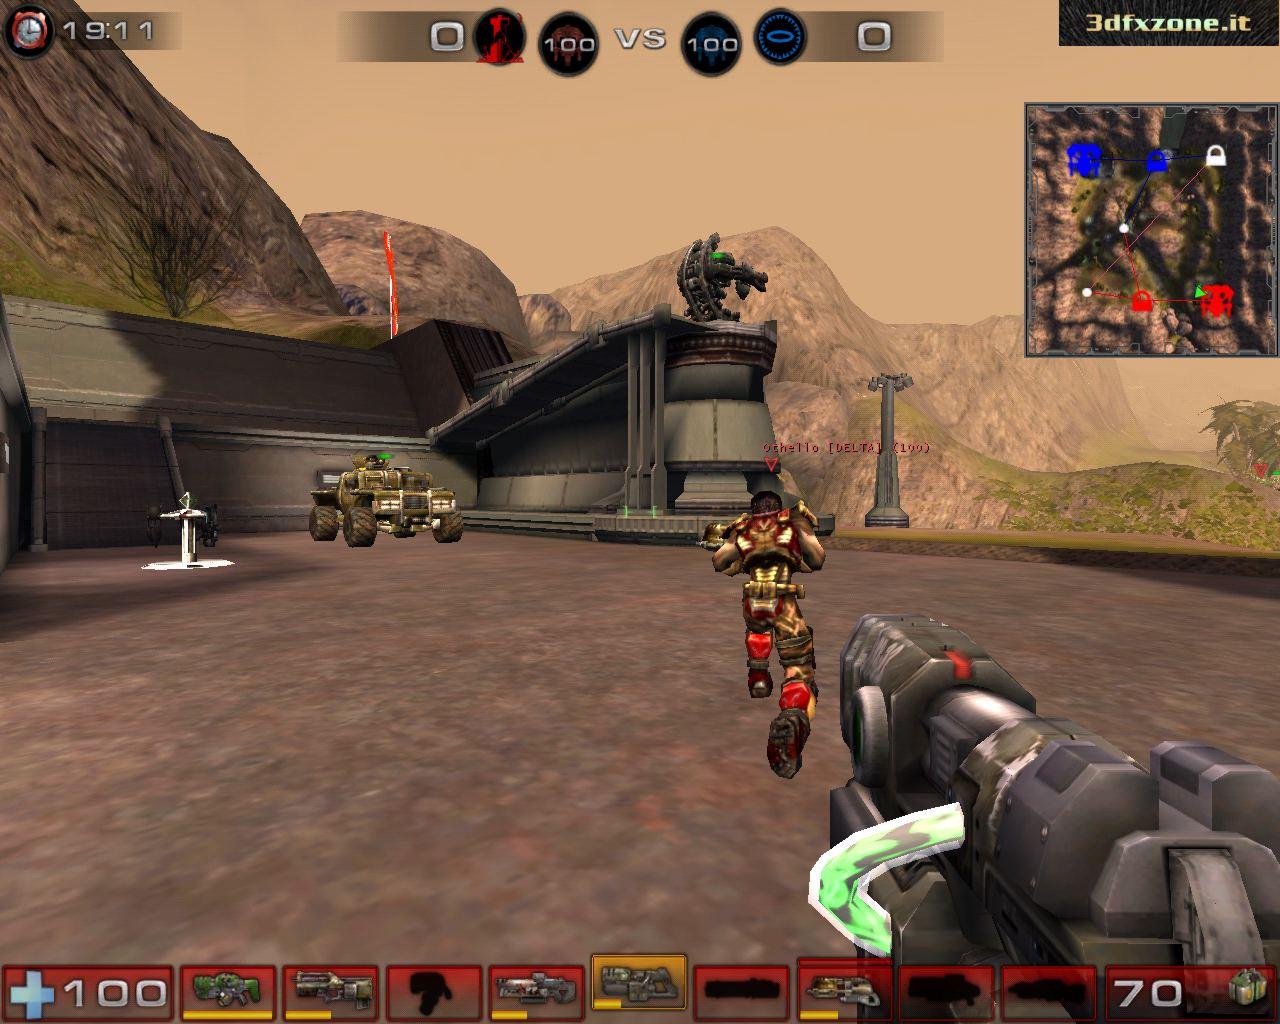 تحميل لعبة unreal tournament 2004 كاملة